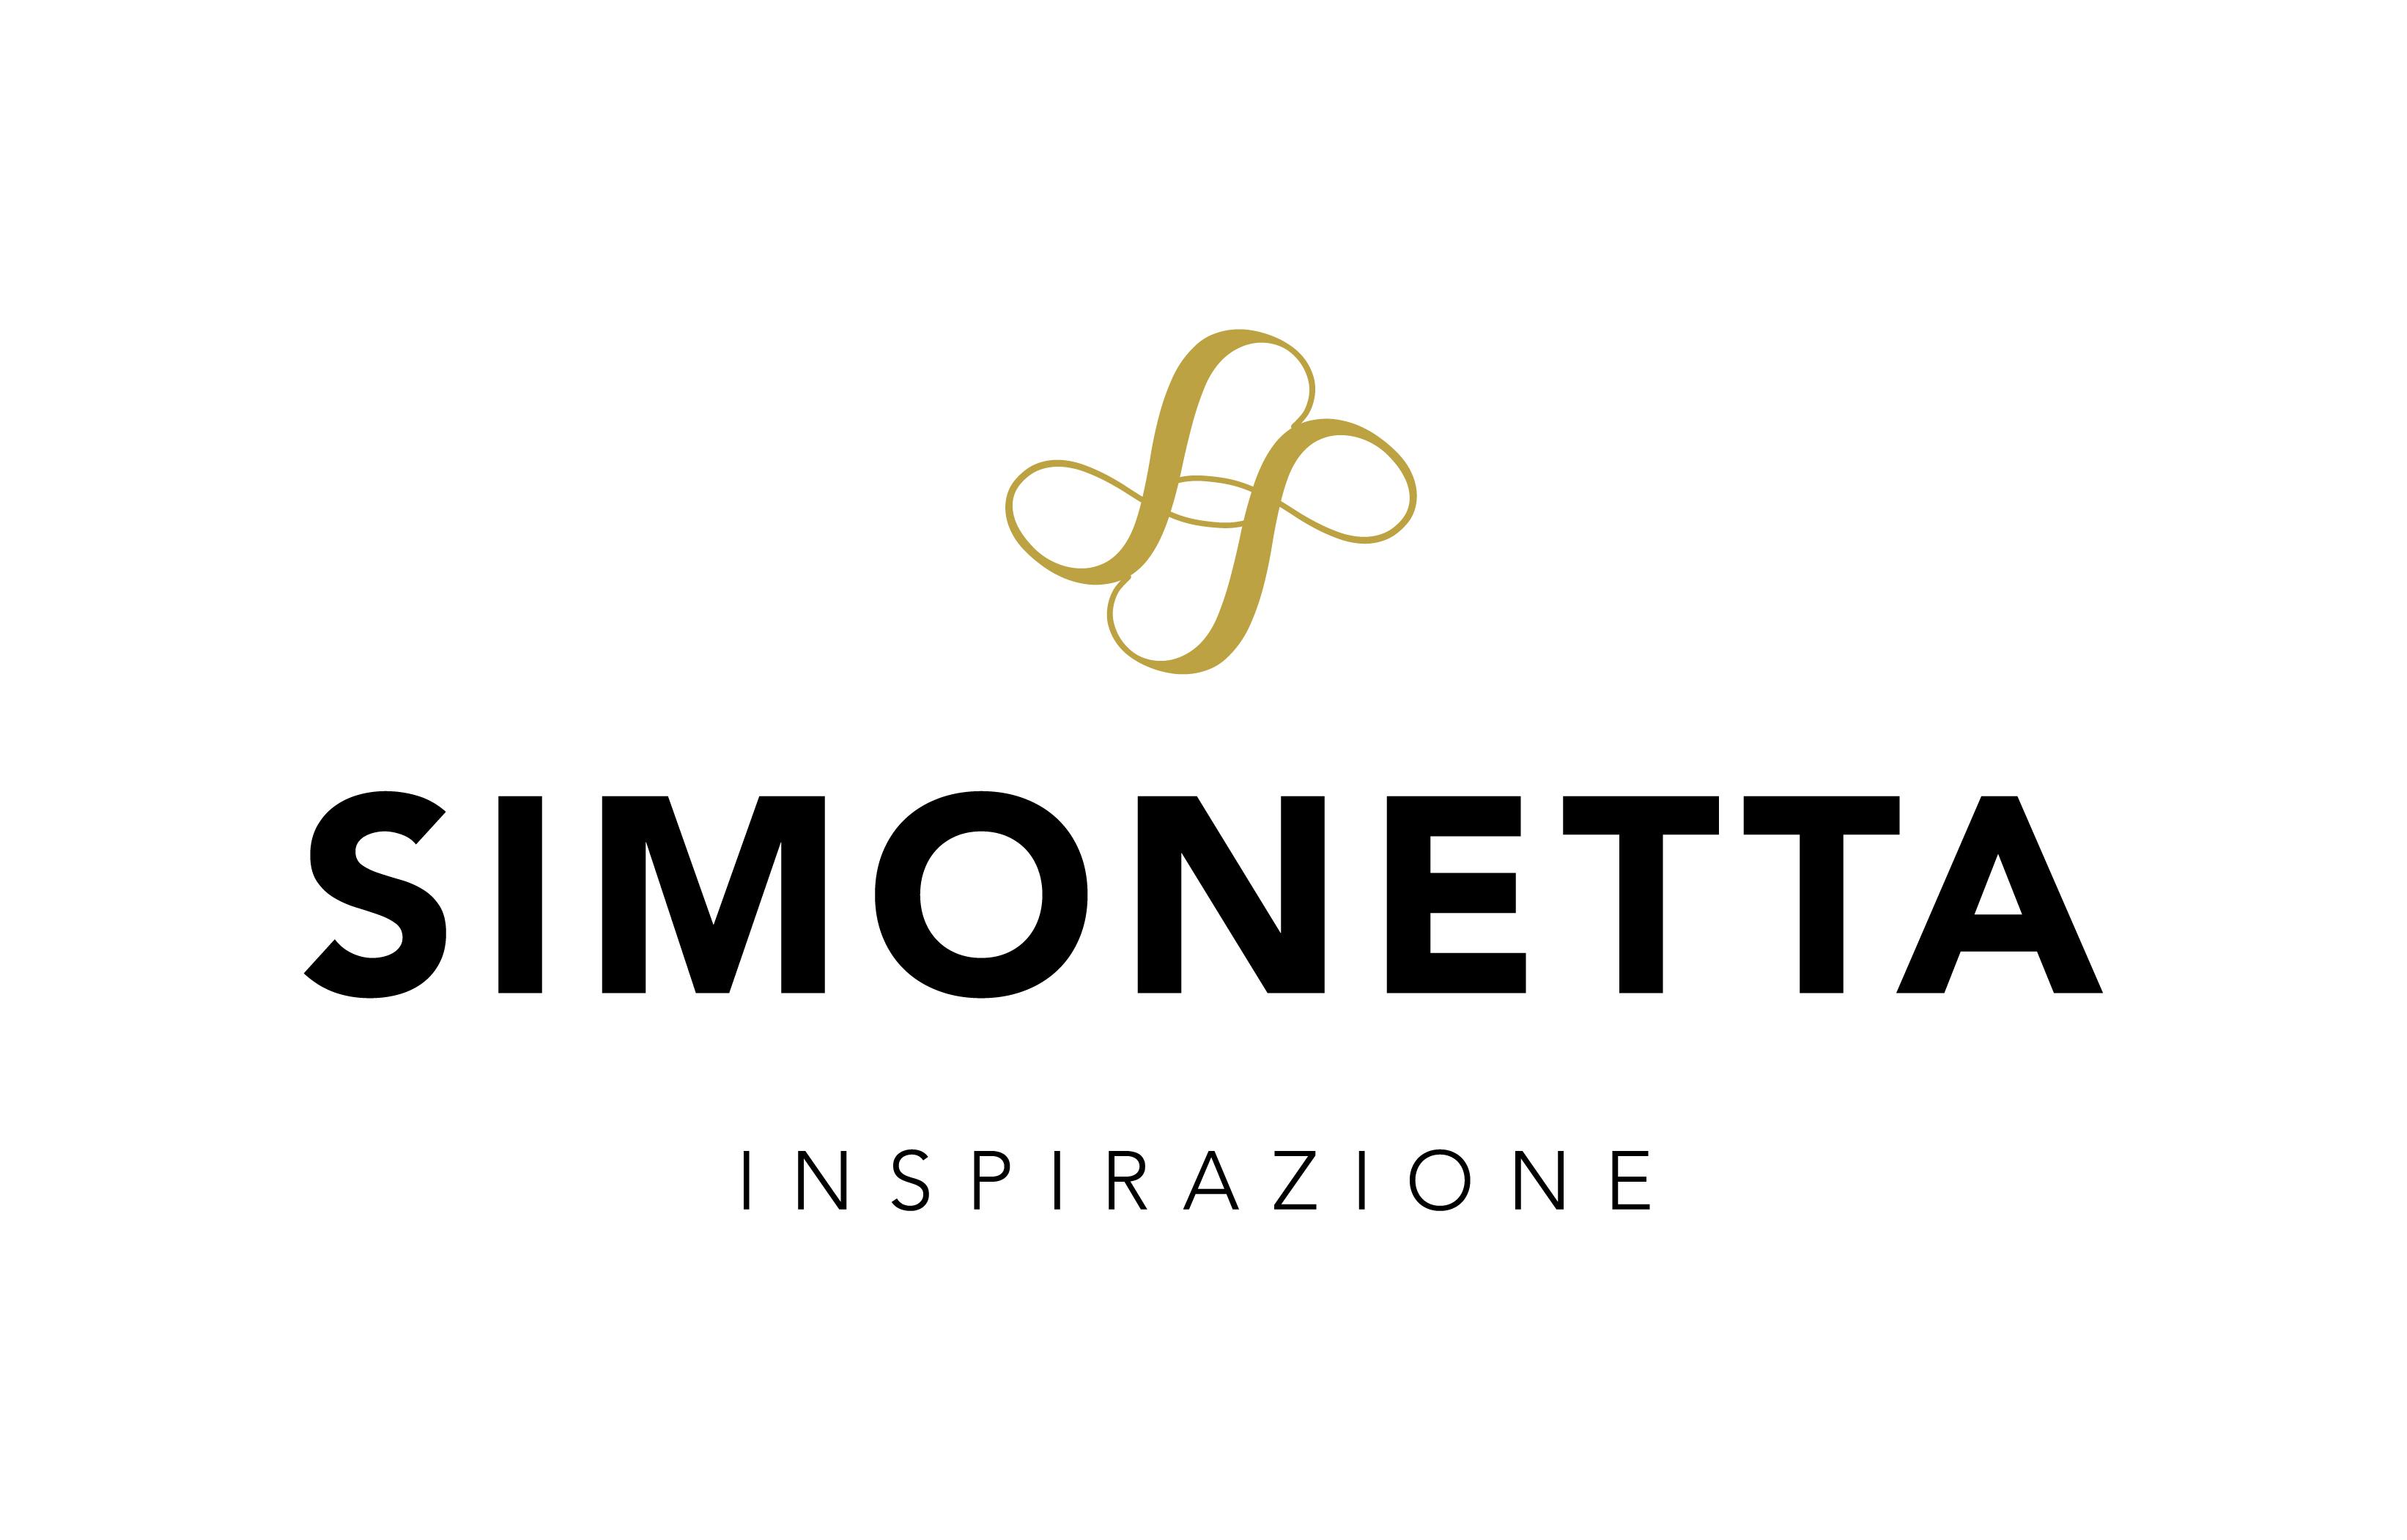 Simonetta Inspirazione